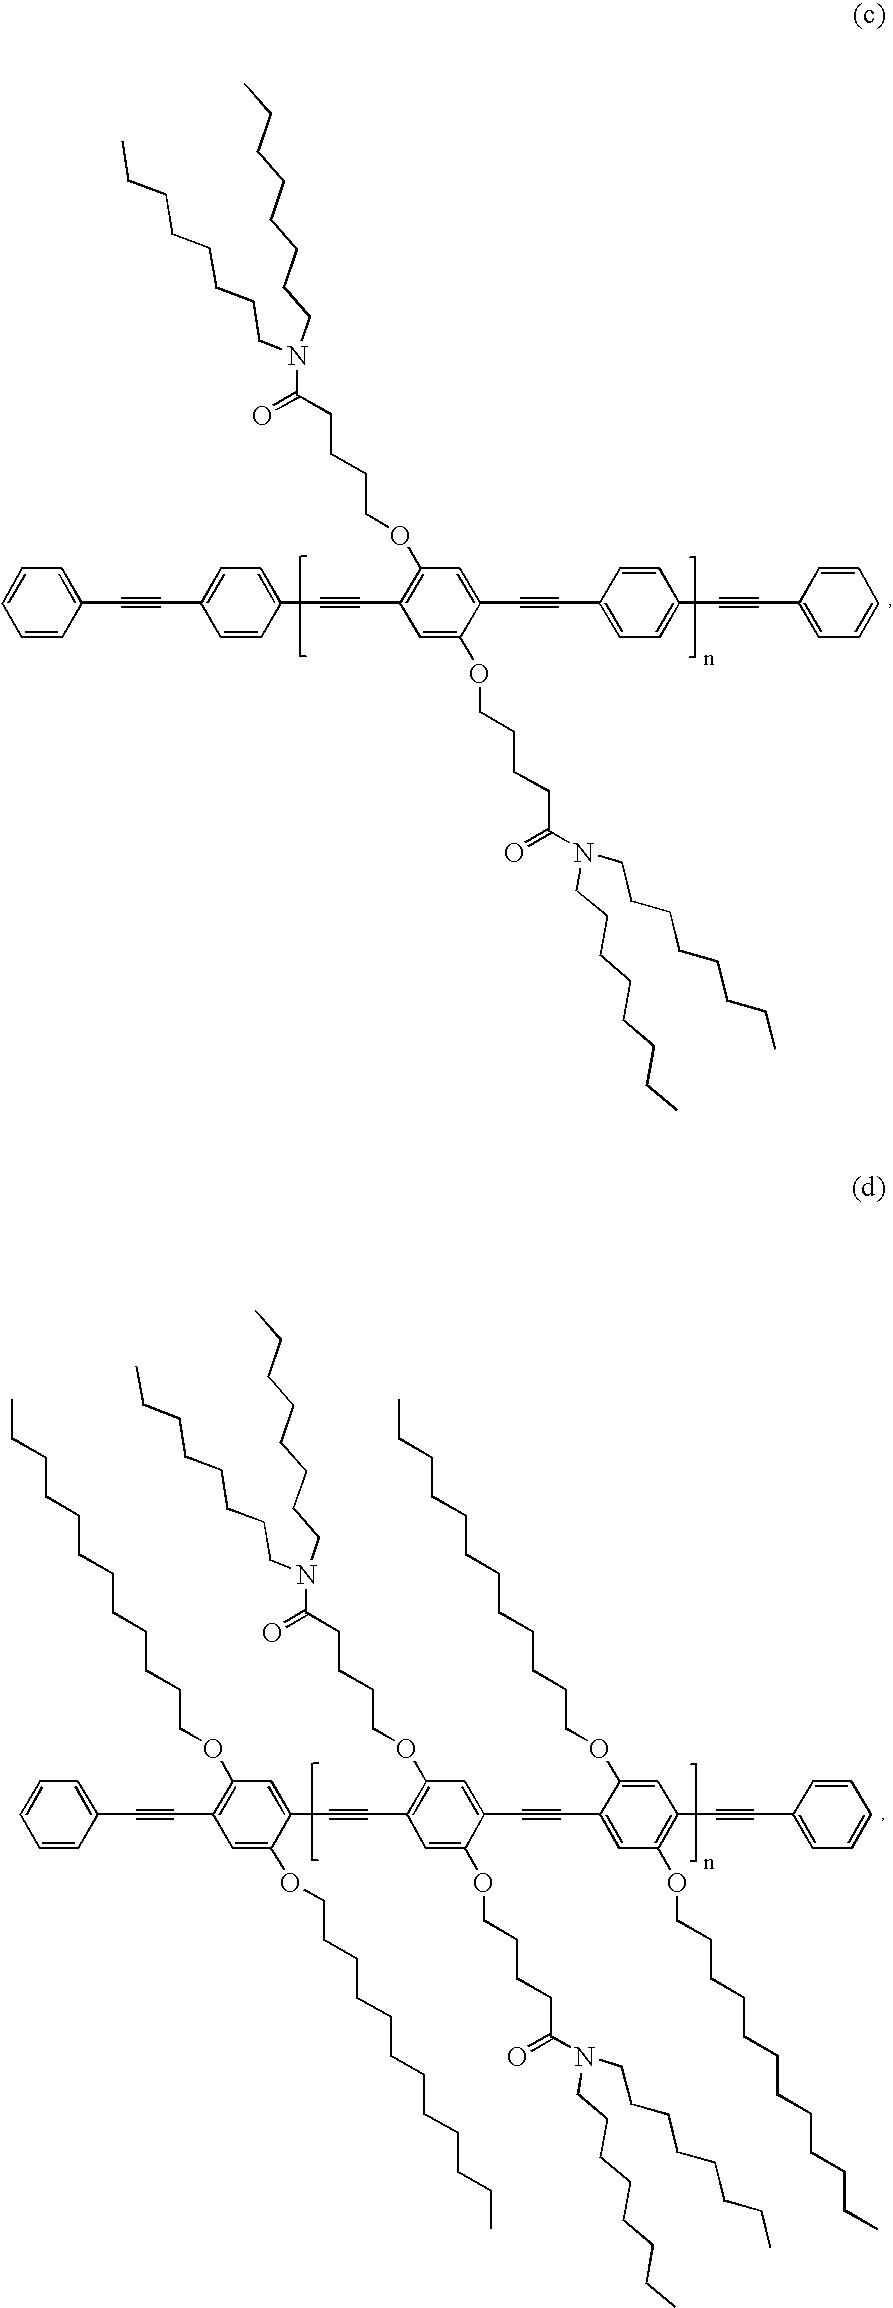 Figure US07479516-20090120-C00065